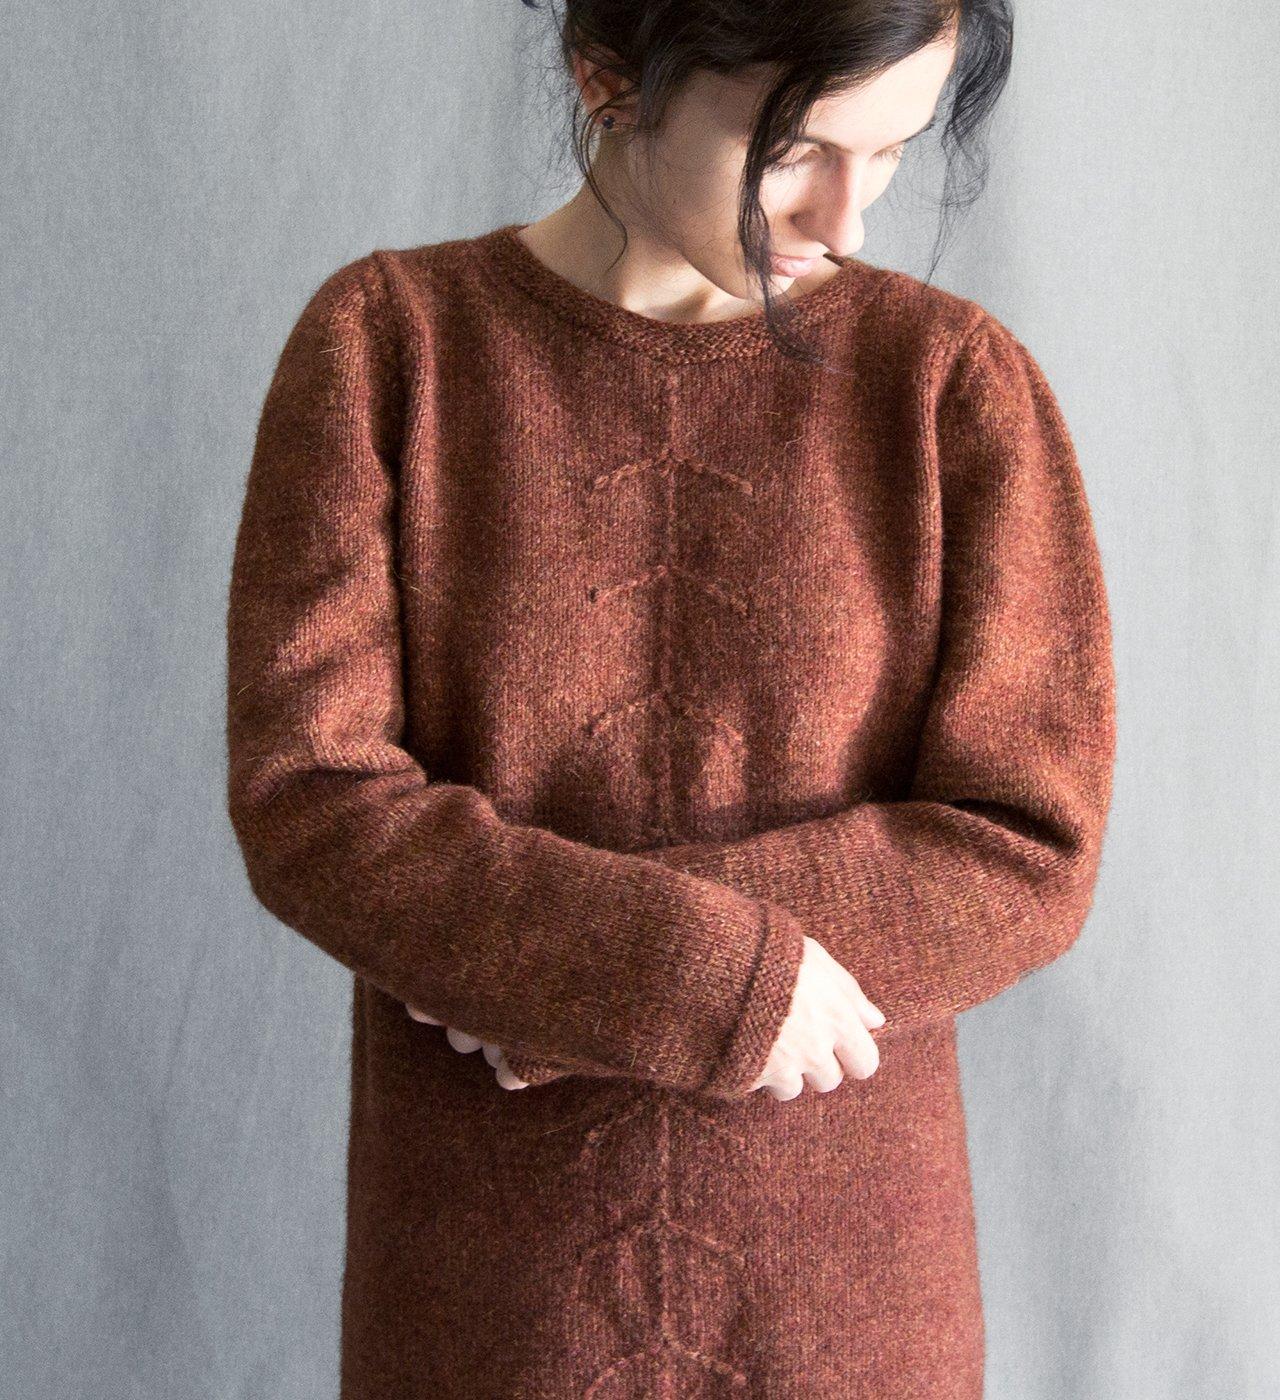 Knitted dress woolen dress wool knit women's sweater knitwear winter dress crocheted dress warm dress terracotta brown dress sweater wool